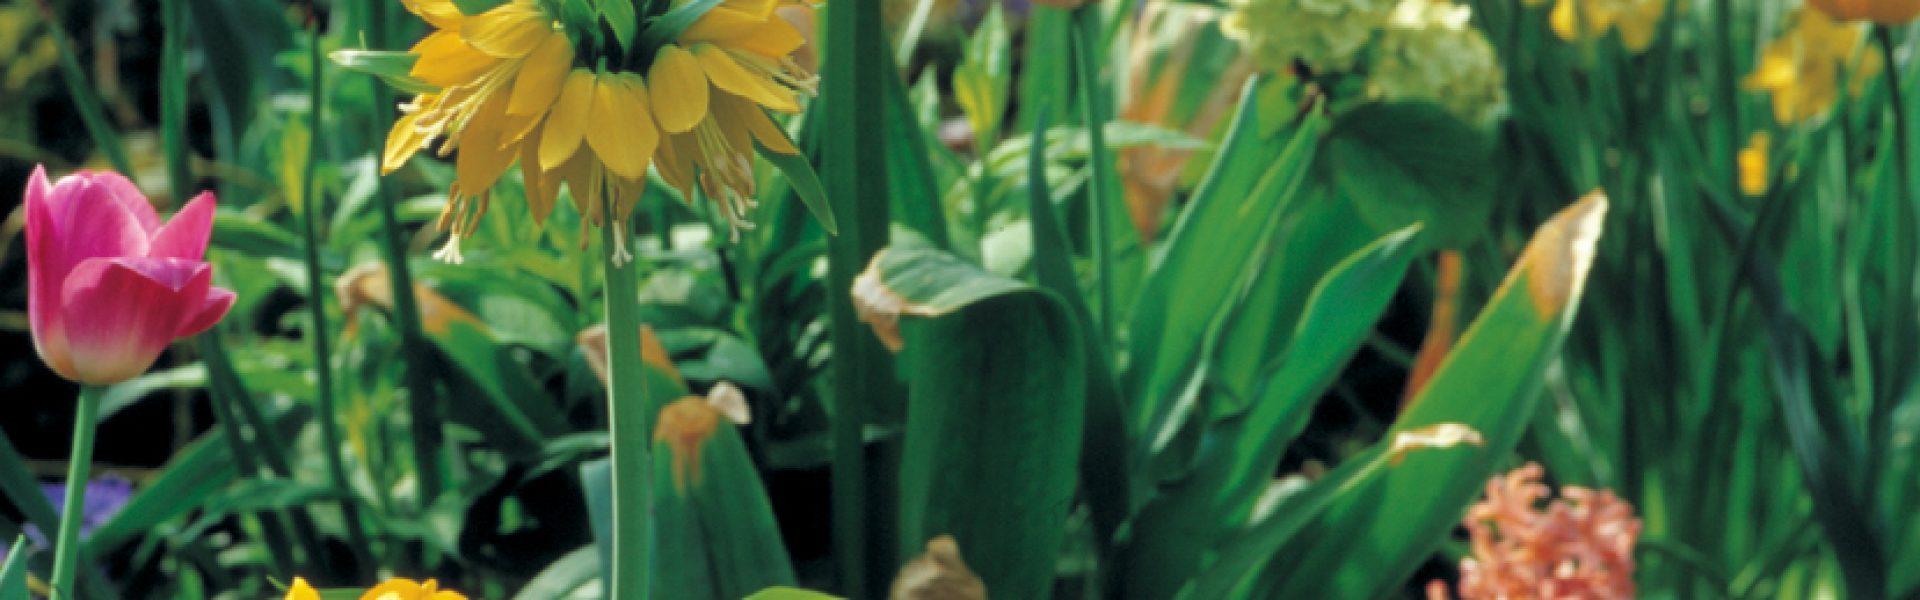 Hva skal man gjøre når påskeliljer, tulipaner og liljer er ferdige med å blomstre?